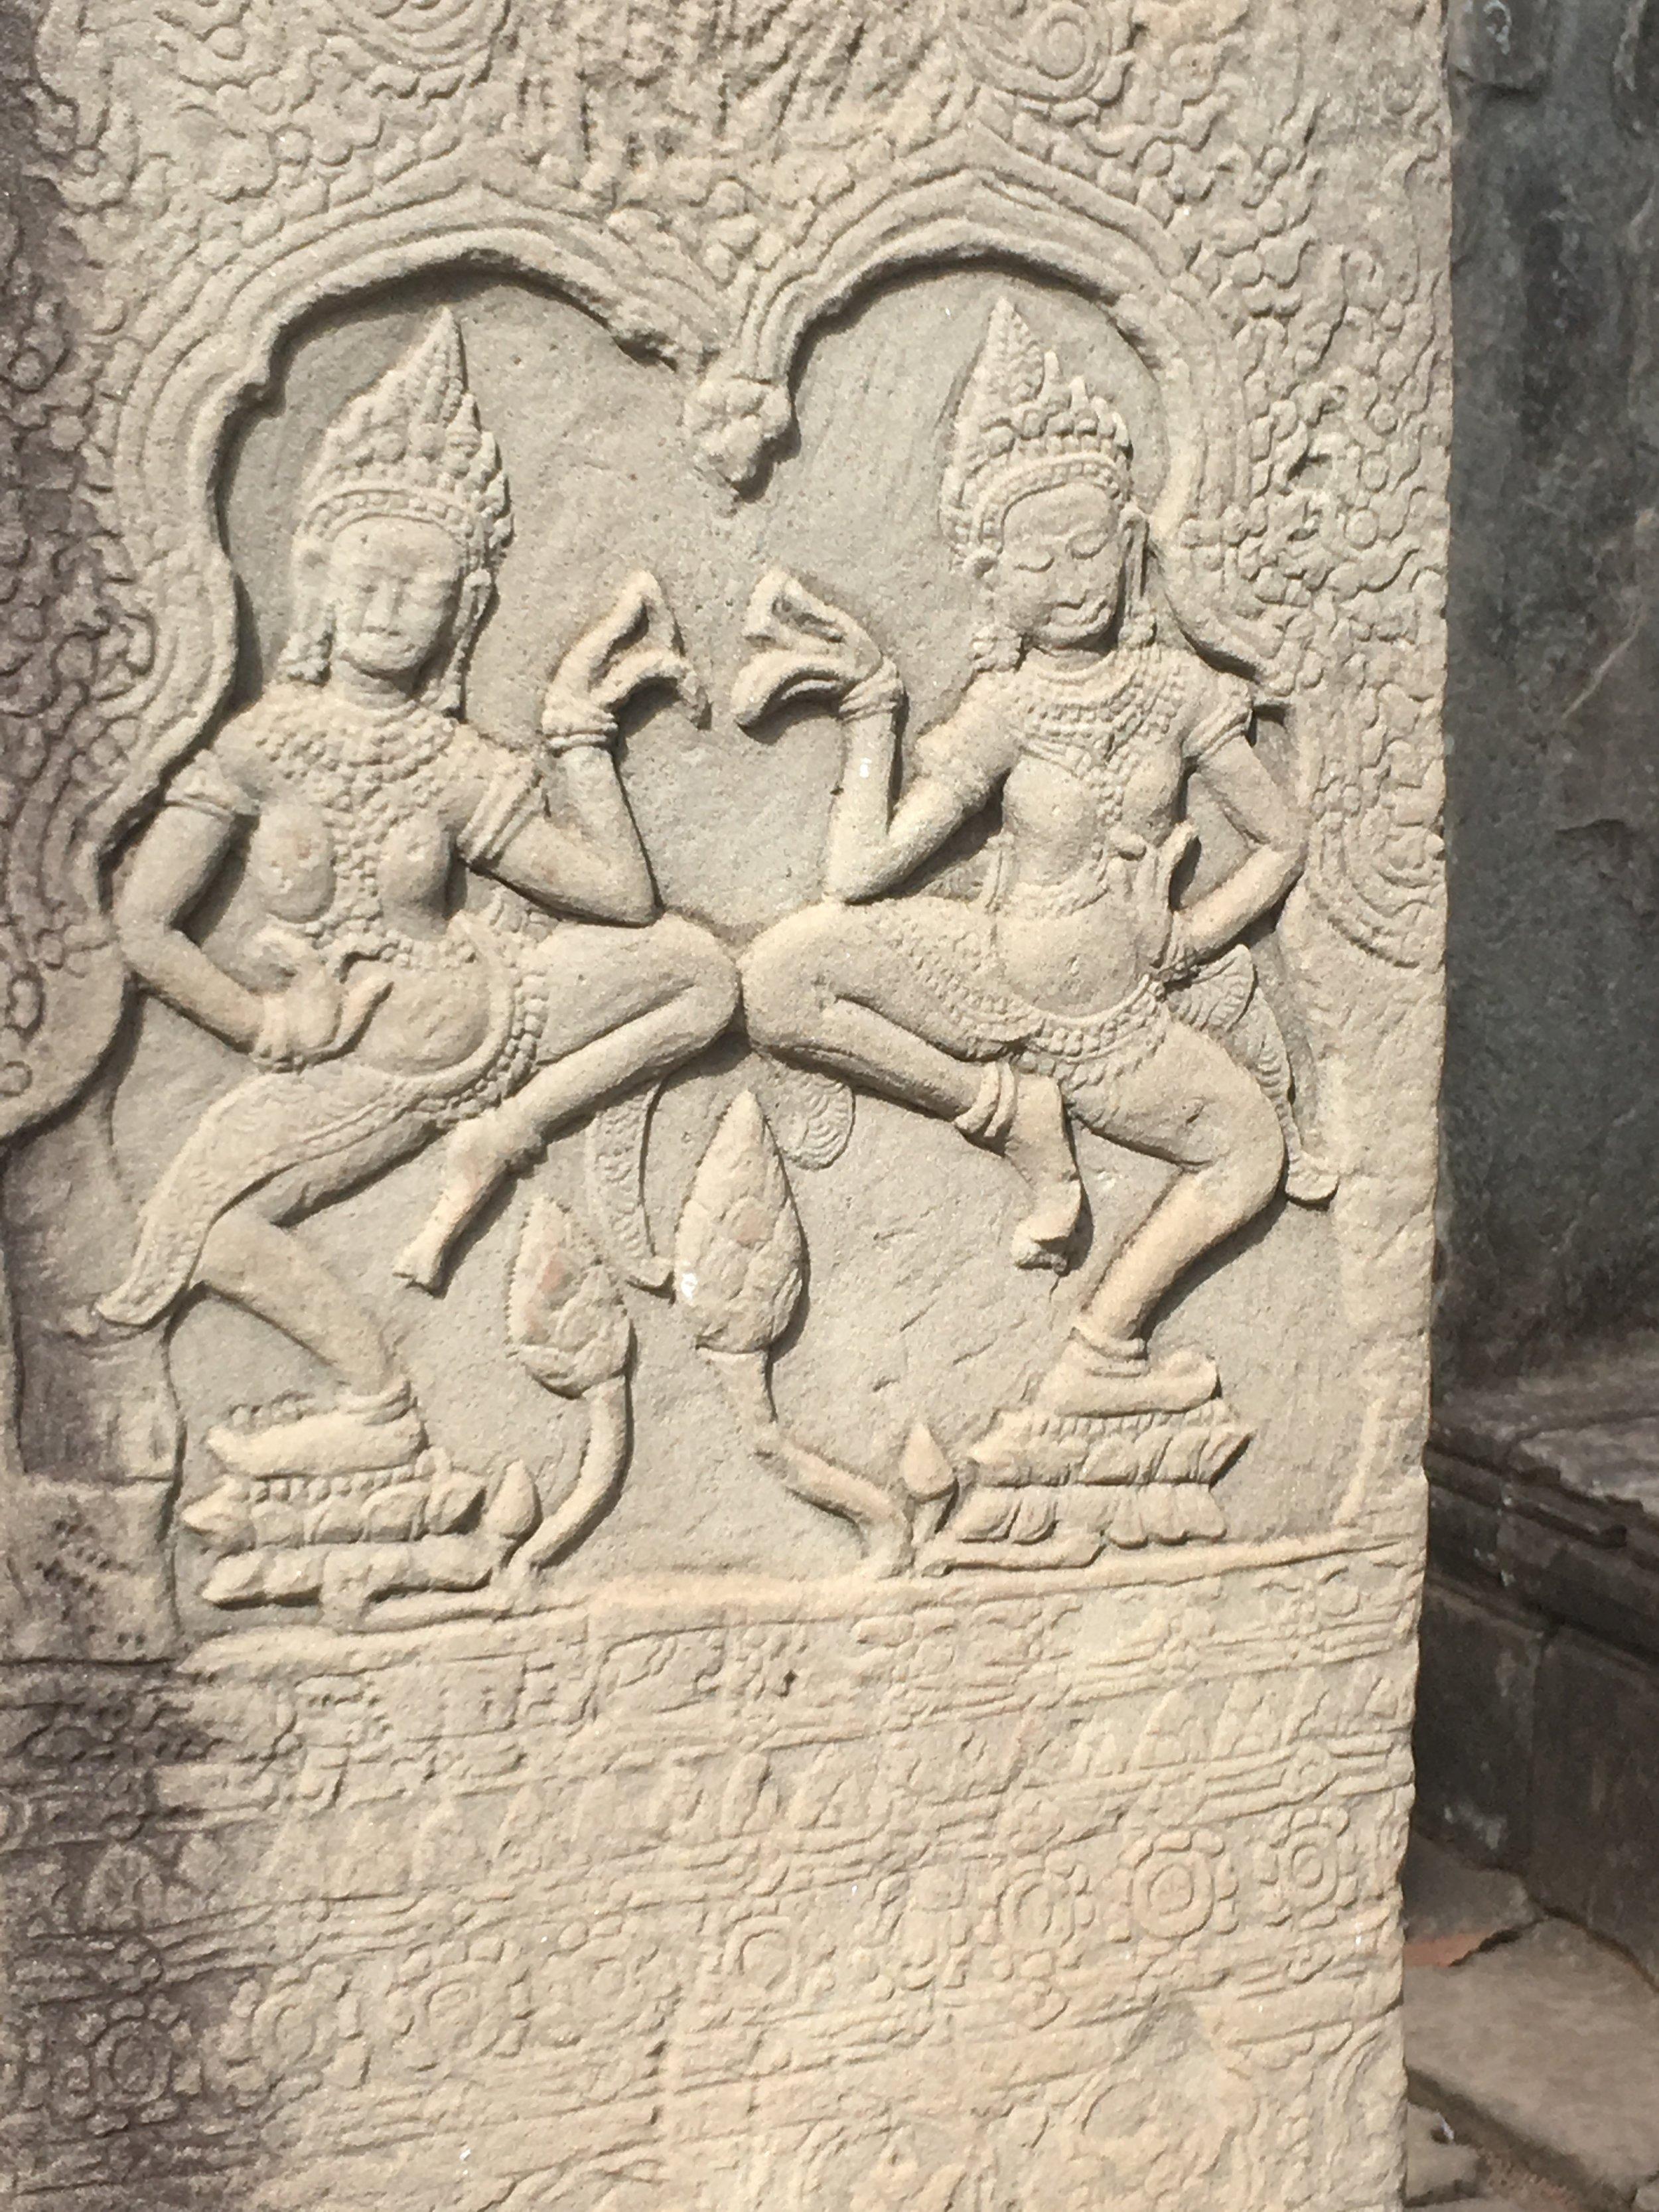 The Apsaras, or heavenly dancing ladies